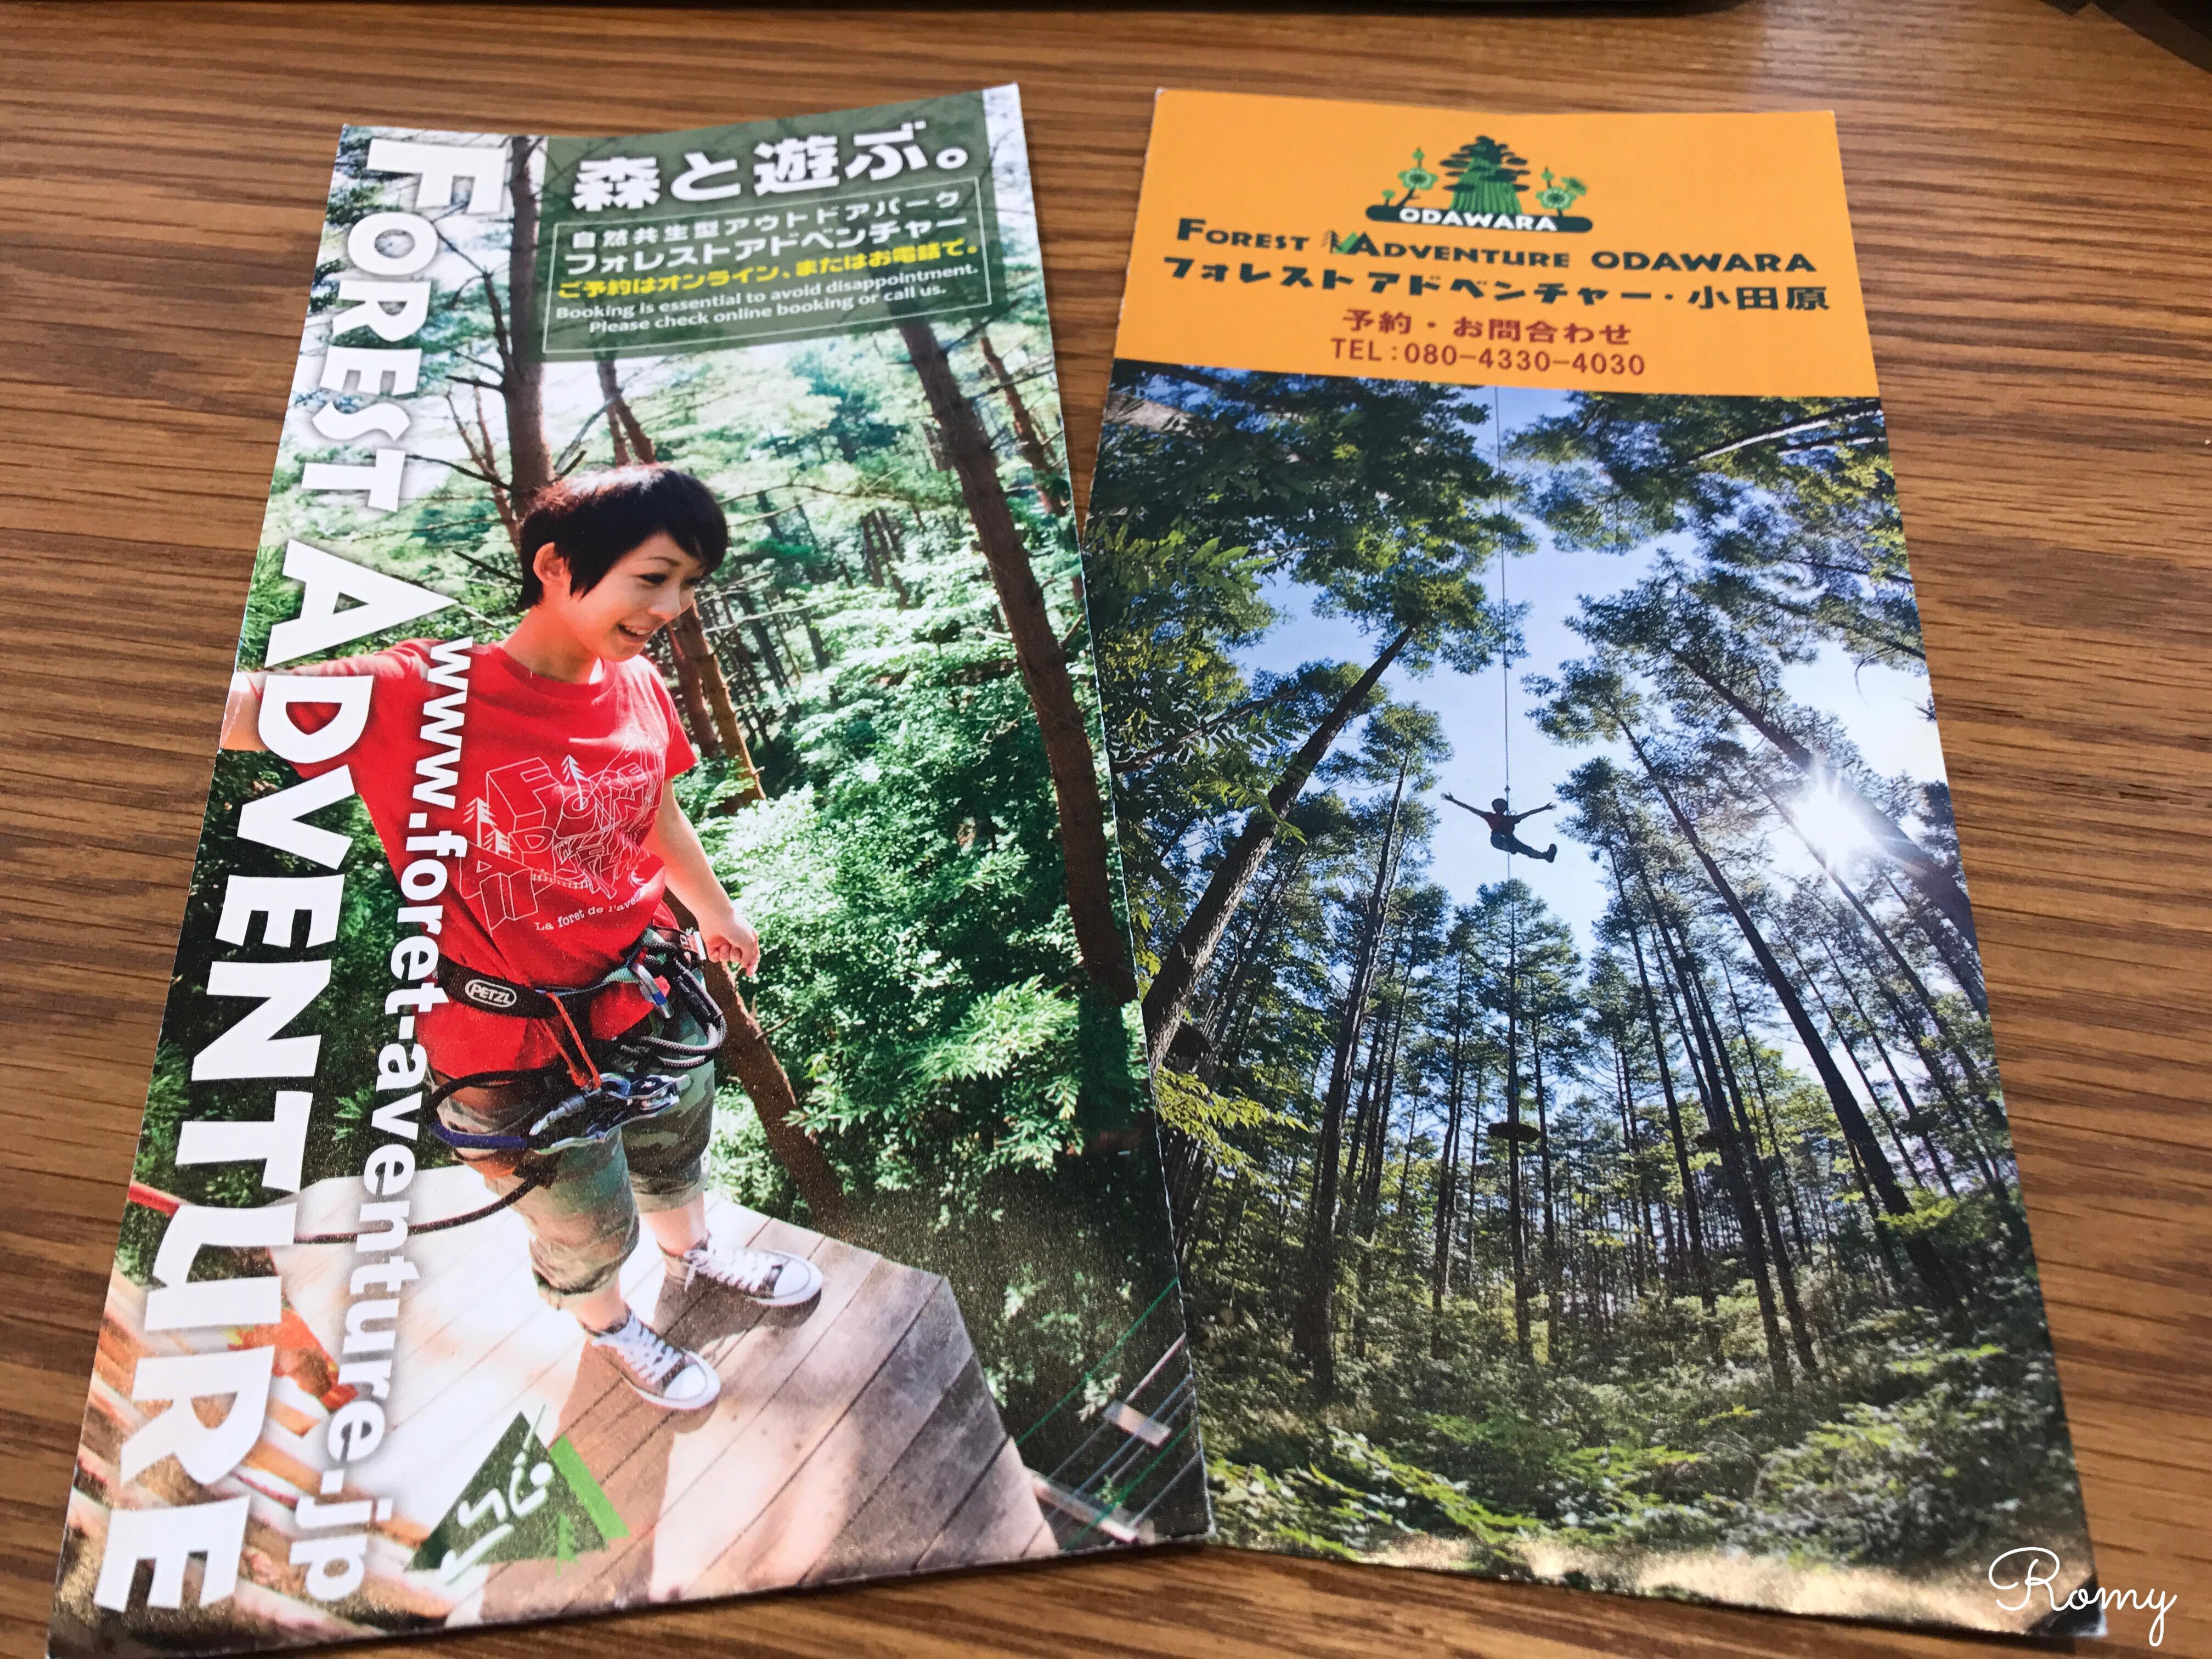 自然共生型アウトドアパーク「フォレストアドベンチャー」のパンフレット